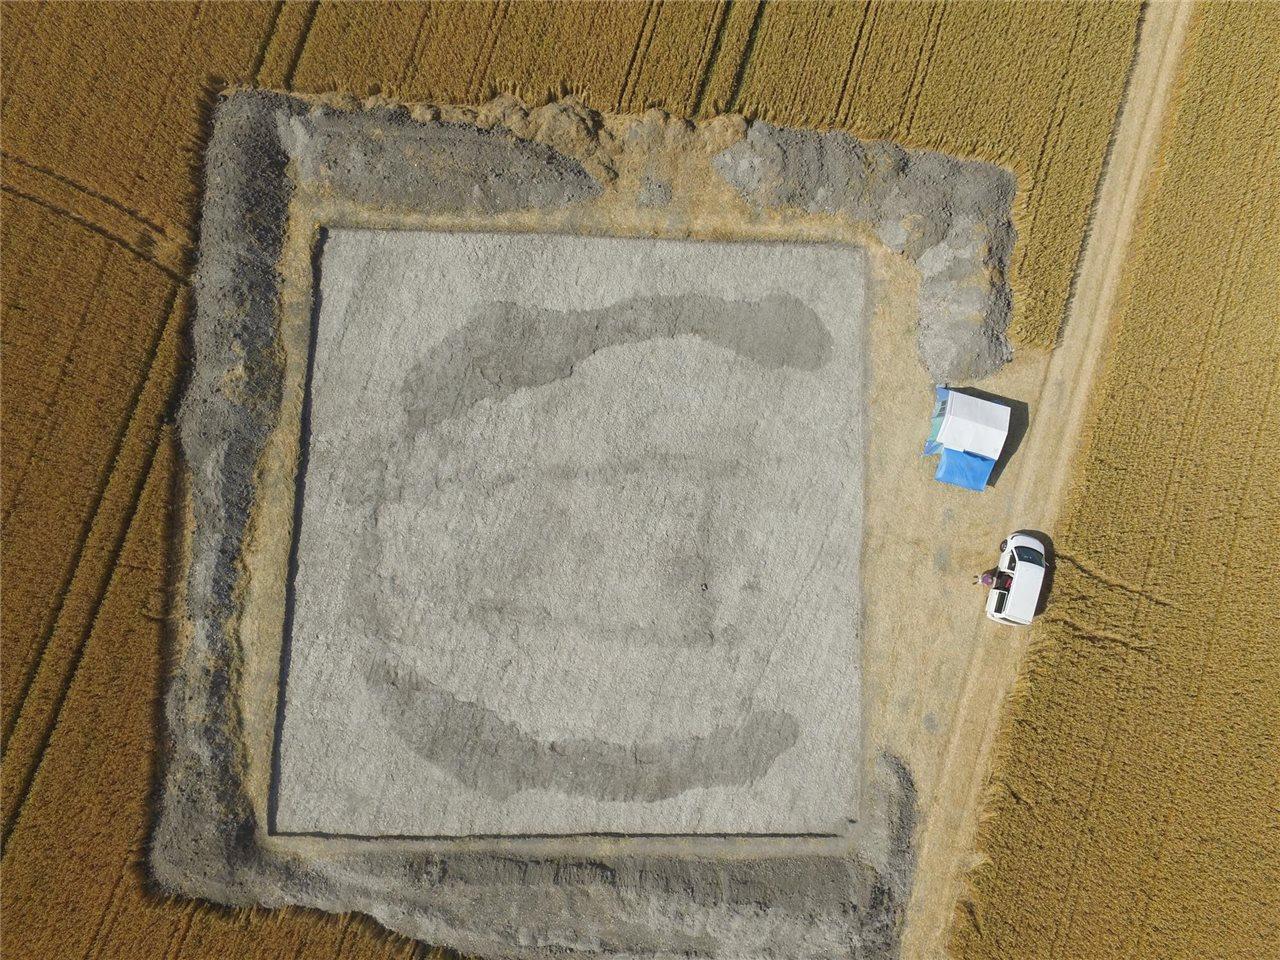 Unos Arqueologos Excavaran Un Tumulo Funerario Neolitico Cerca De